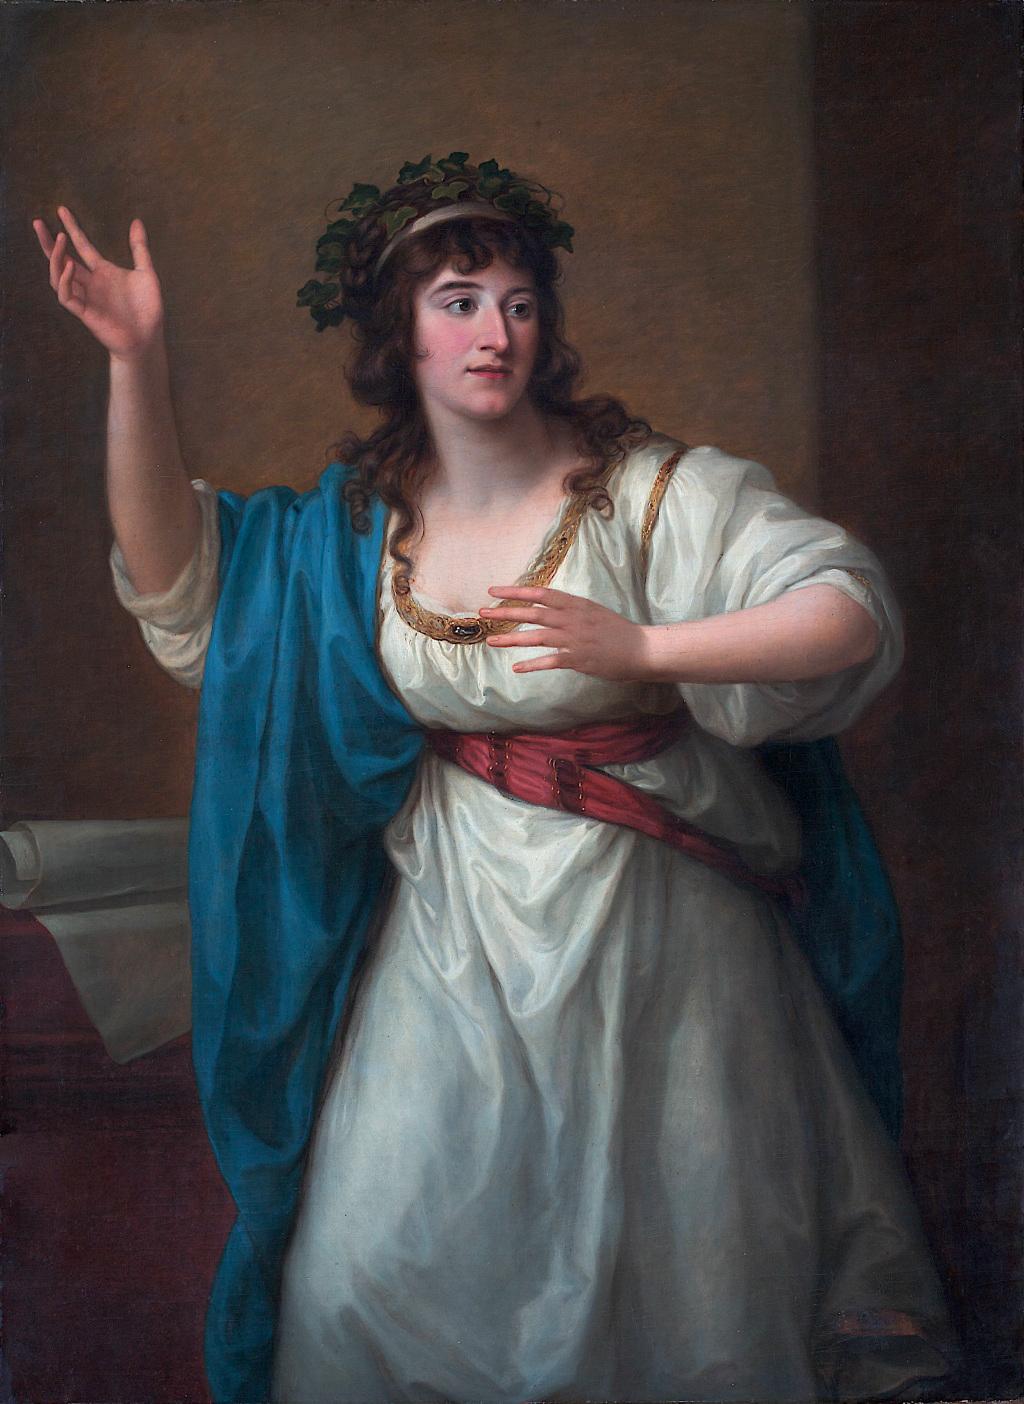 charlotta von zweigbergk wikipedia